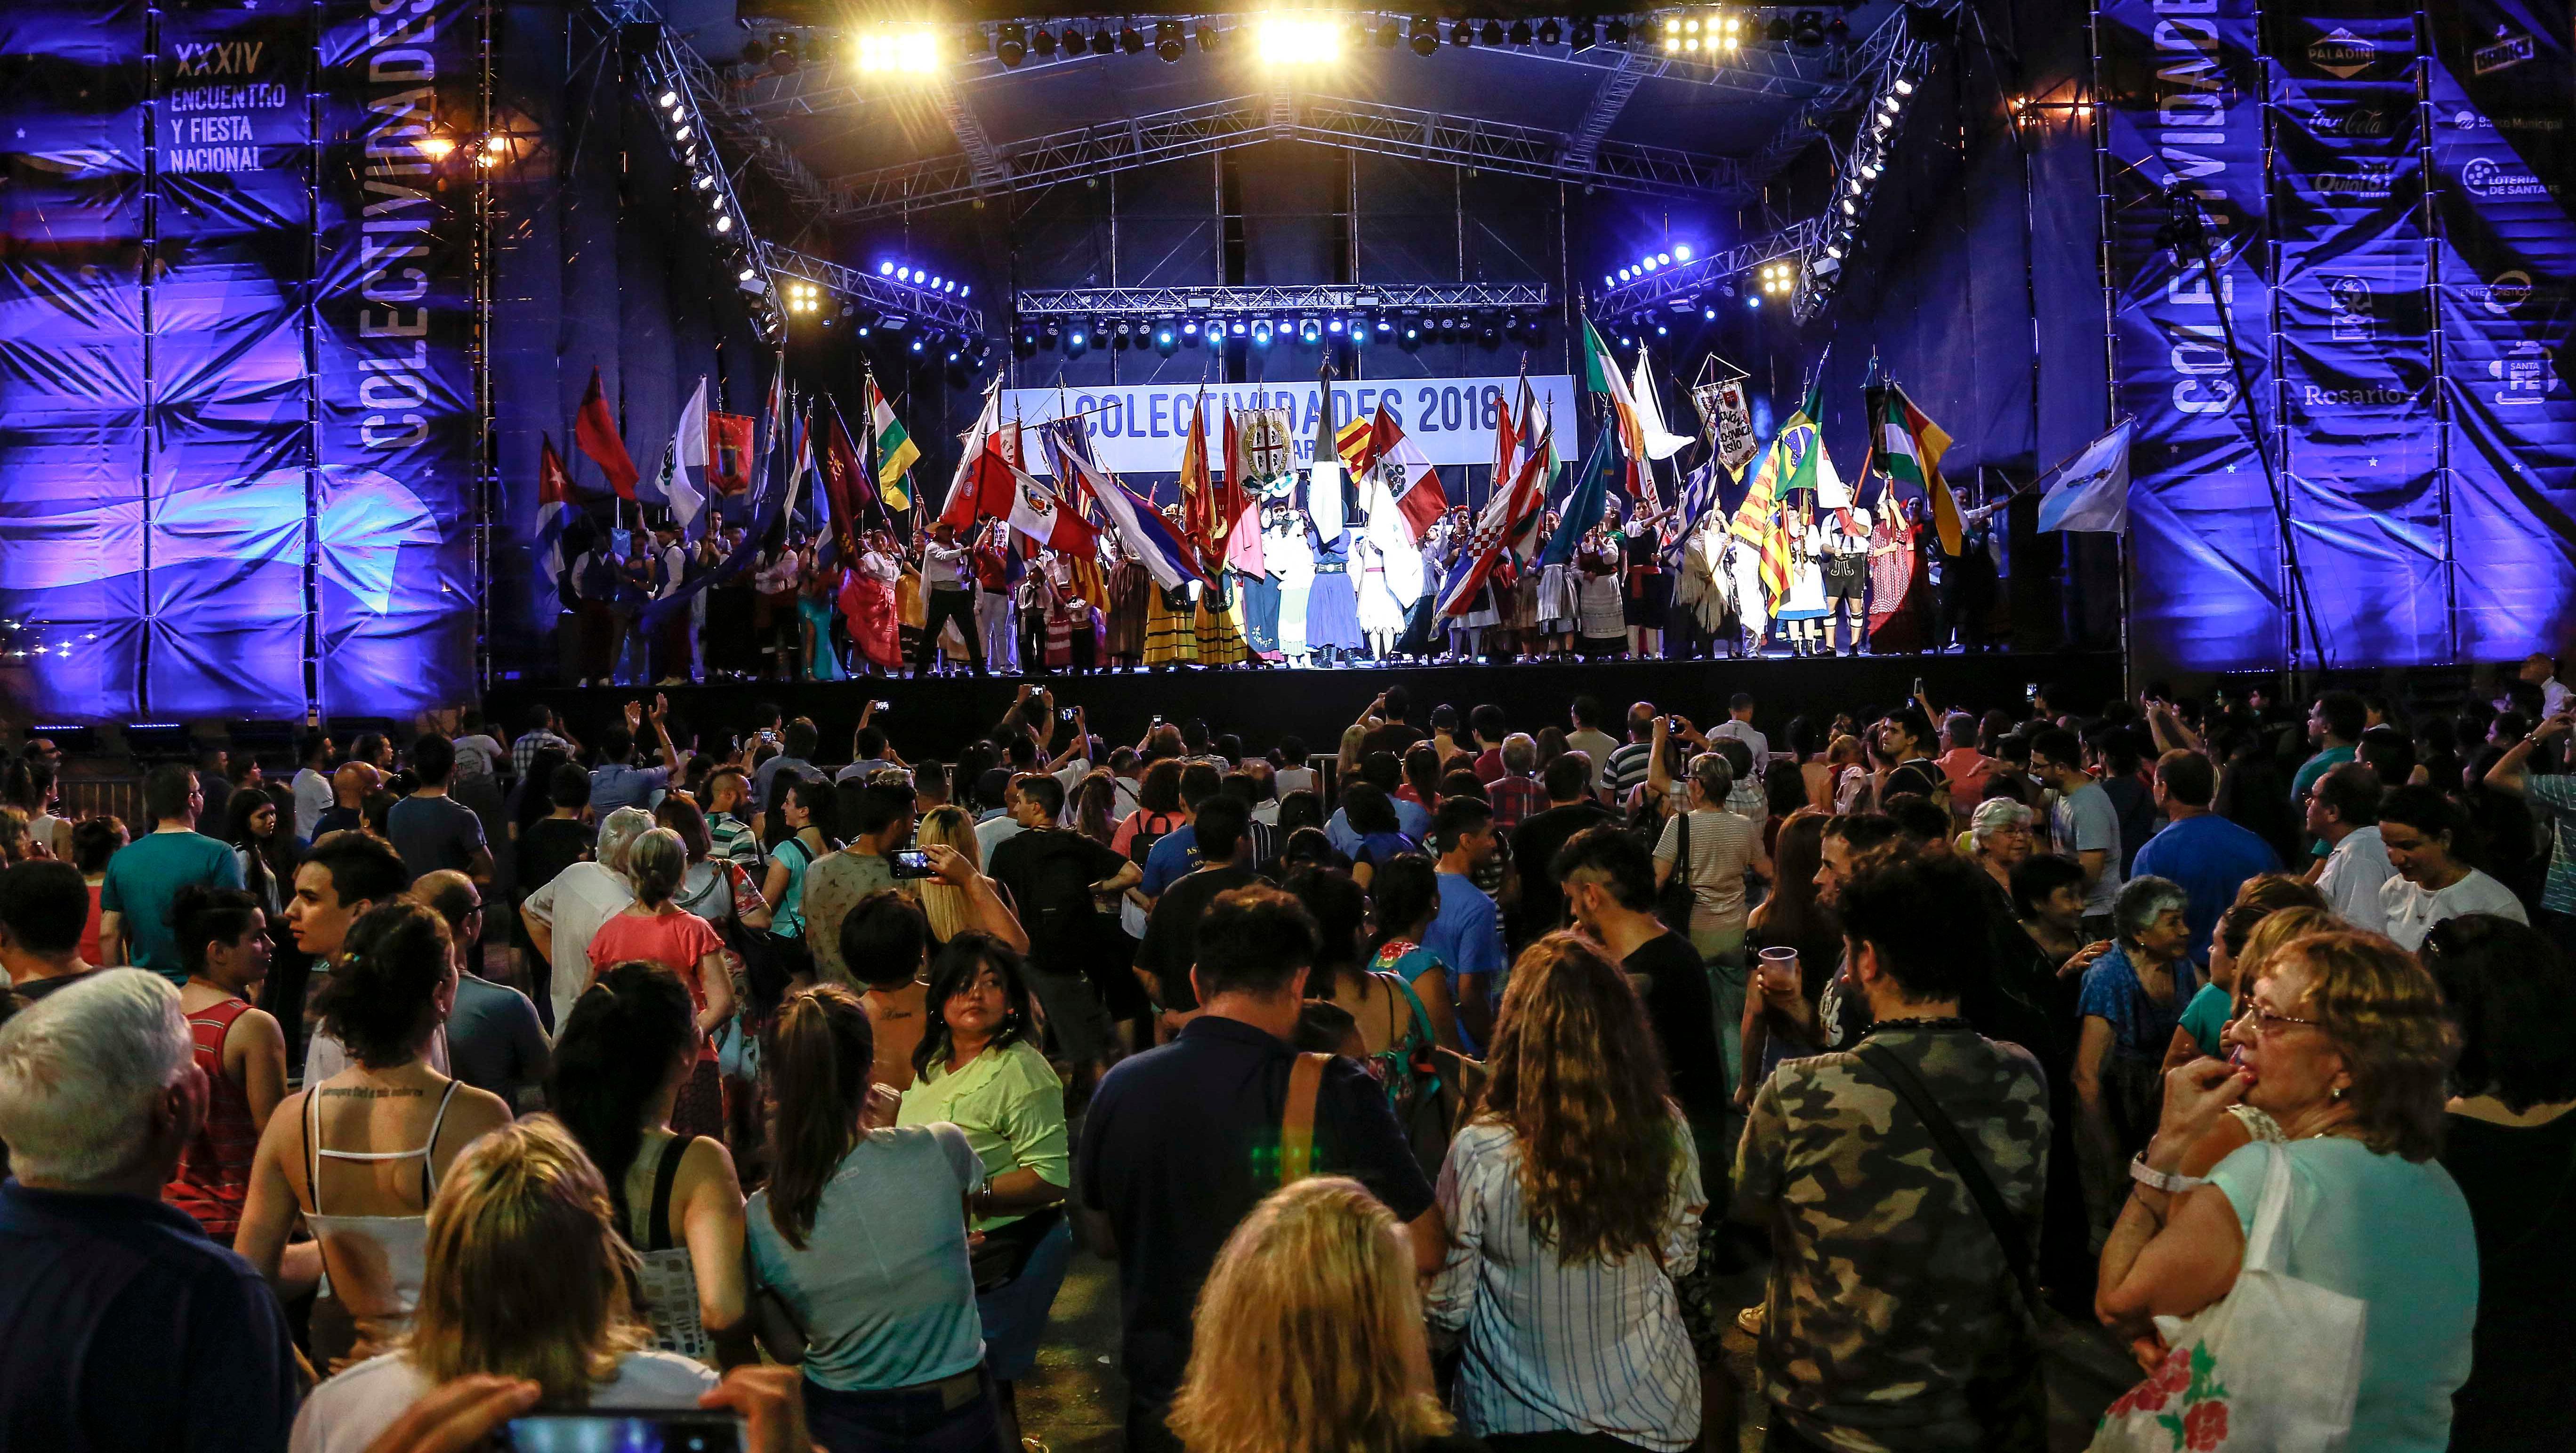 A pleno. Al fin las Colectividades podrán celebrar (Foto Municipalidad de Rosario)